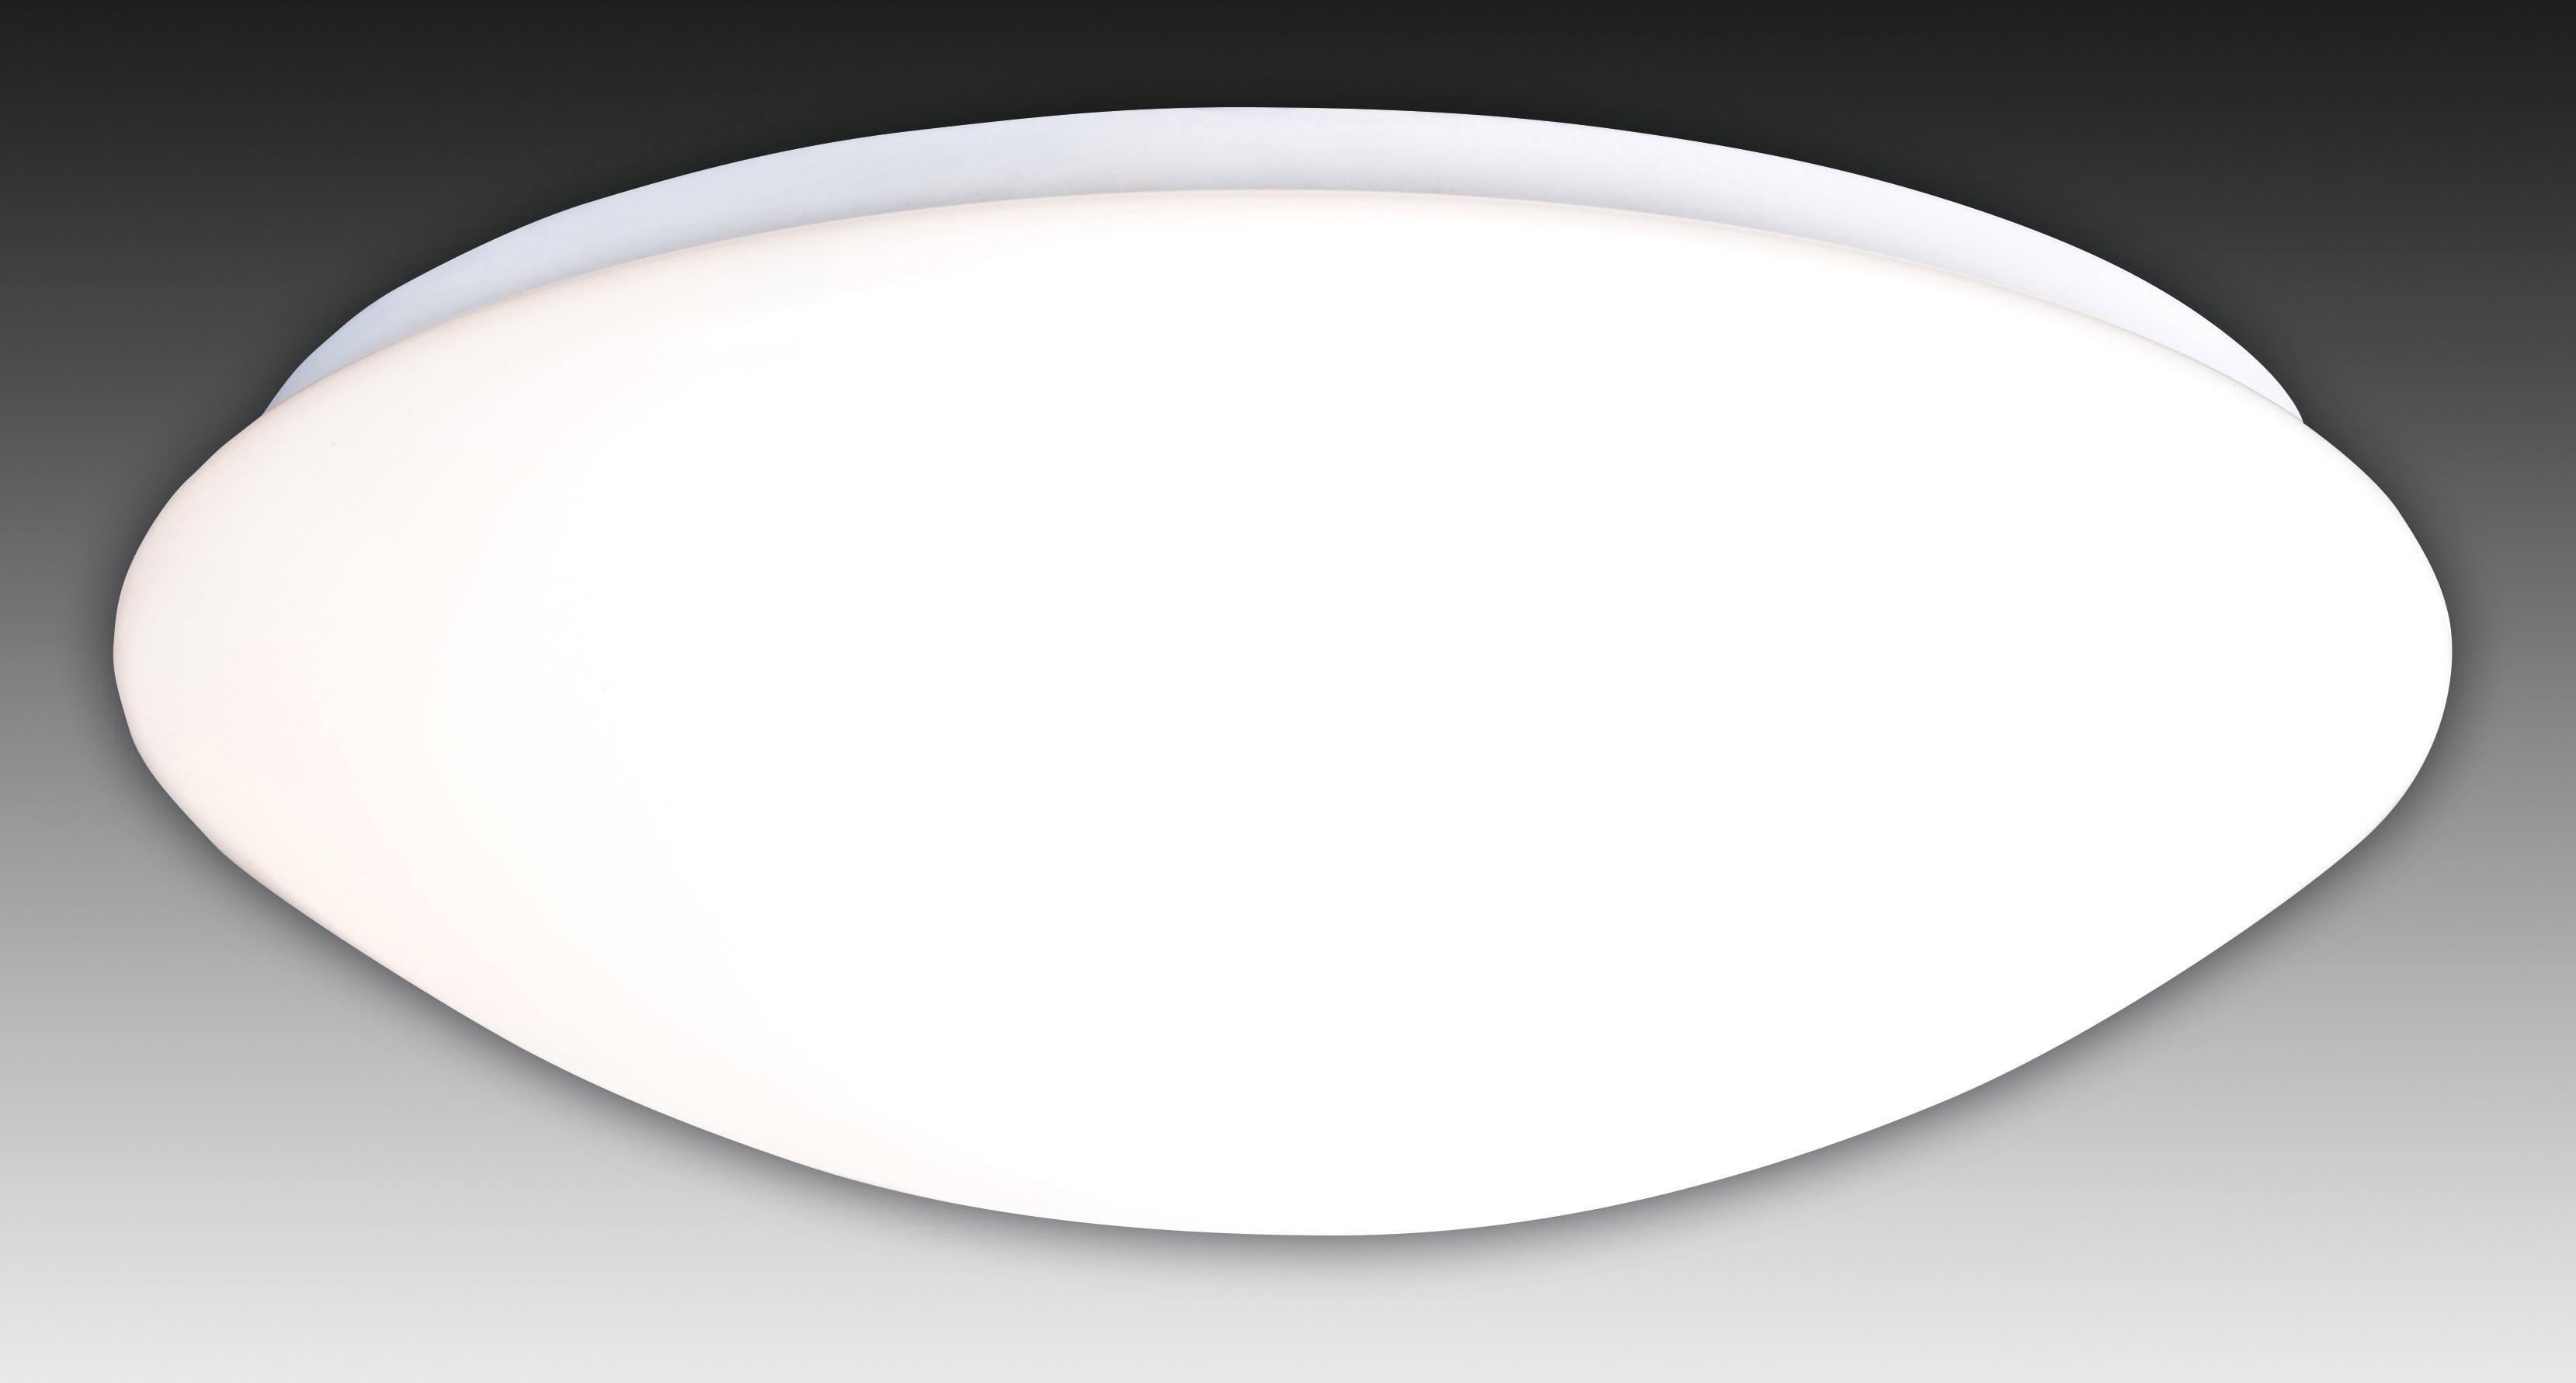 näve LED Deckenleuchte BERN, LED-Board, Warmweiß-Neutralweiß-Kaltweiß-Tageslichtweiß, LED Deckenlampe